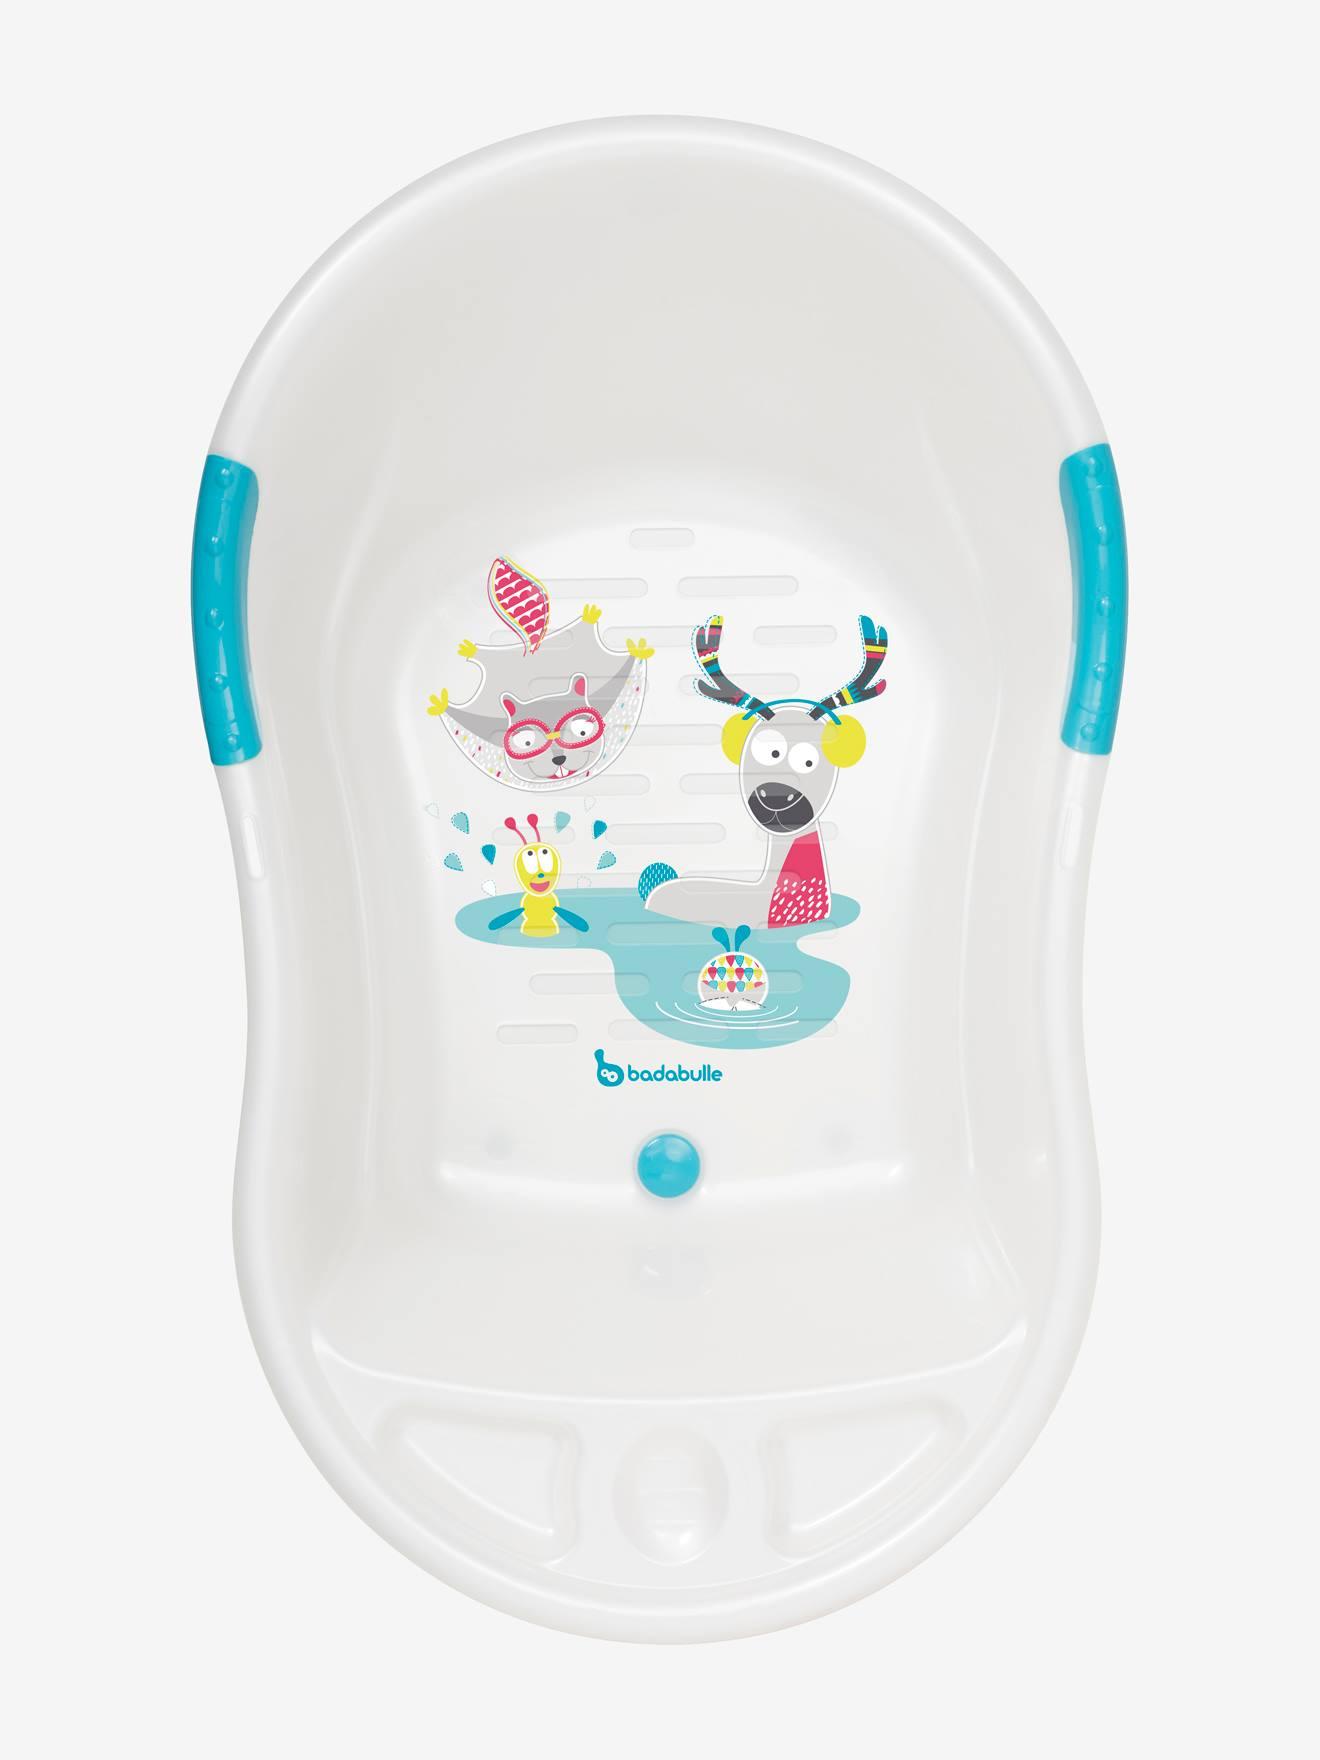 BADABULLE Bañera para bebé BADABULLE ergodivertida Montaña blanco claro liso con motivos